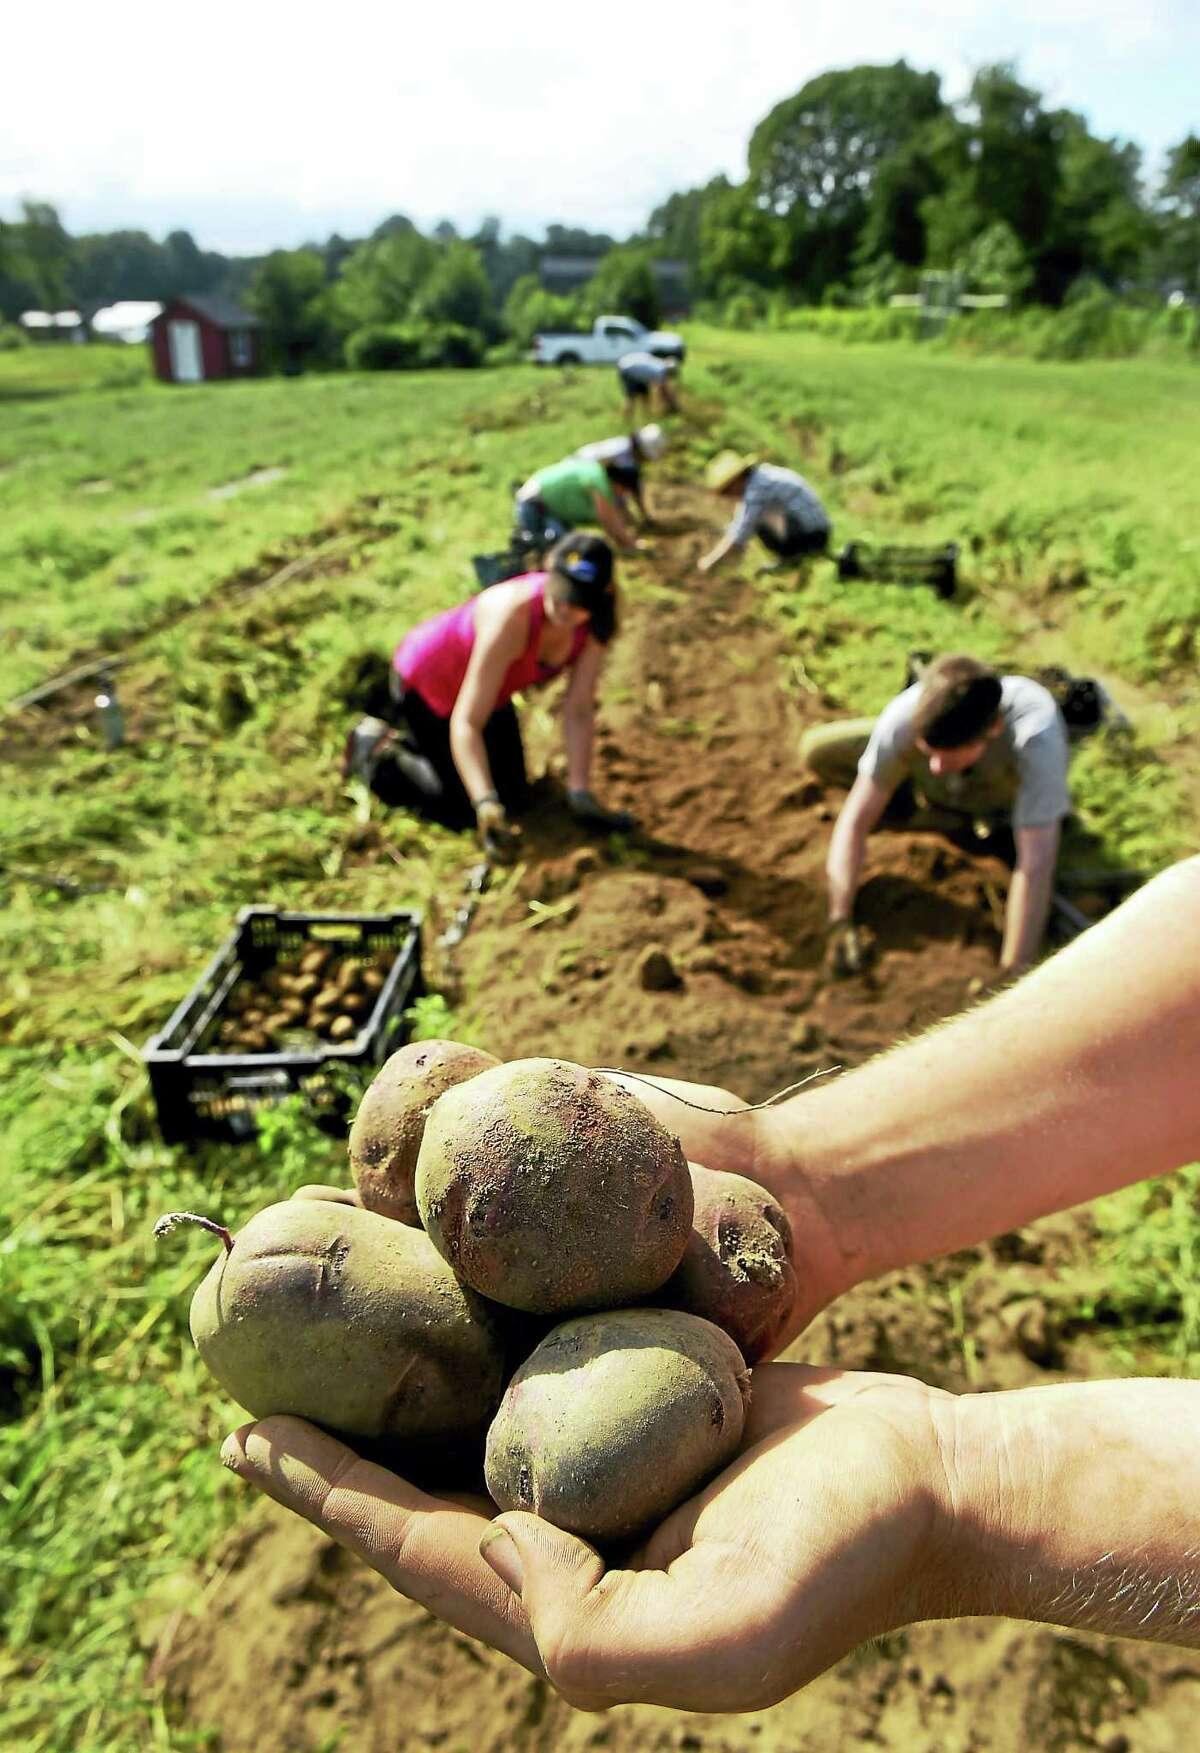 (Peter Hvizdak - New Haven Register)Fulltime seasonal employees at the Massaro Community Farm in Woodbridge harvest potatoes including the Purple Viking potato, in photo. Wednesday September 7, 2016.